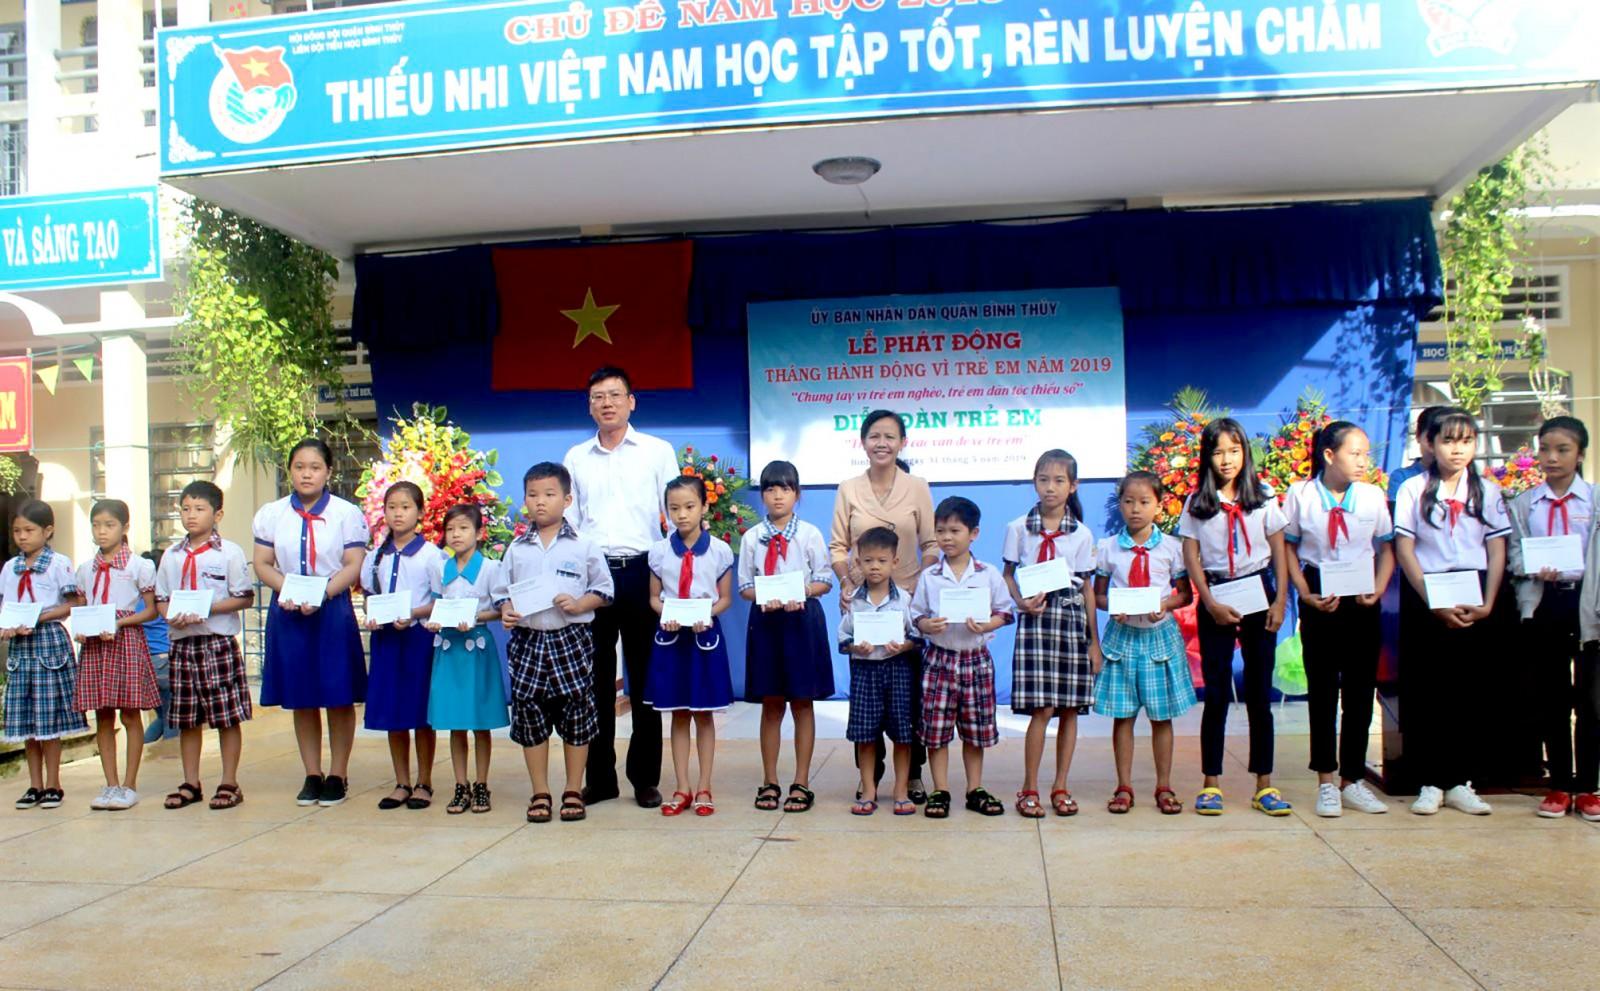 Lãnh đạo Sở Lao động- Thương binh và Xã hội thành phố và quận Bình Thủy trao quà cho trẻ em nghèo.